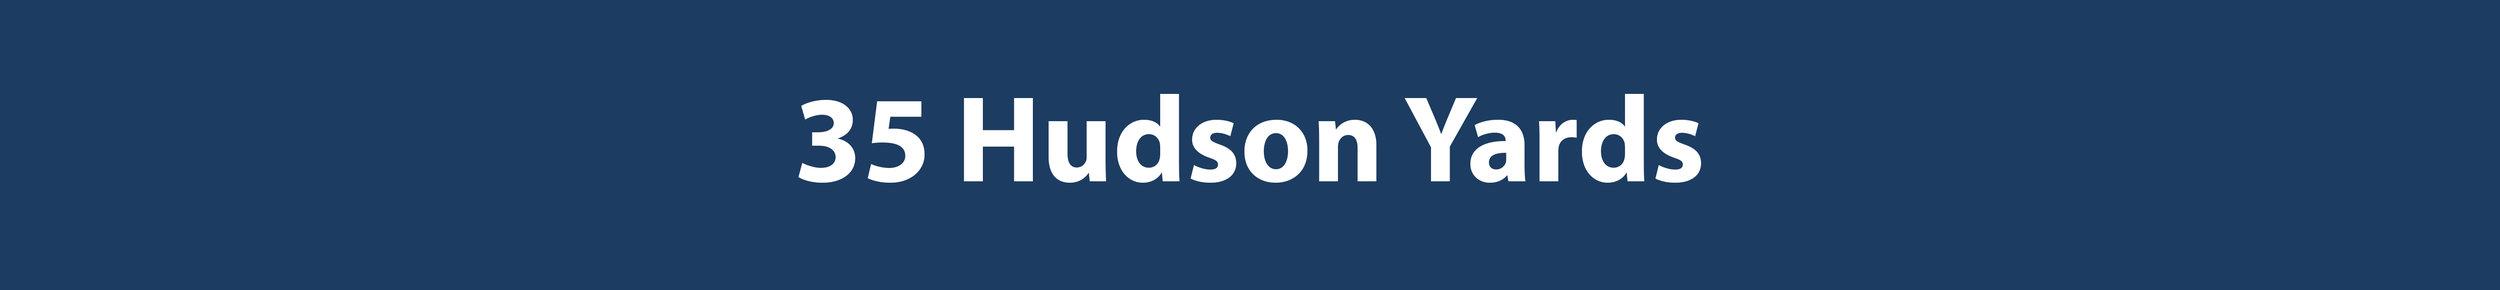 35.hudson.yards.jpg